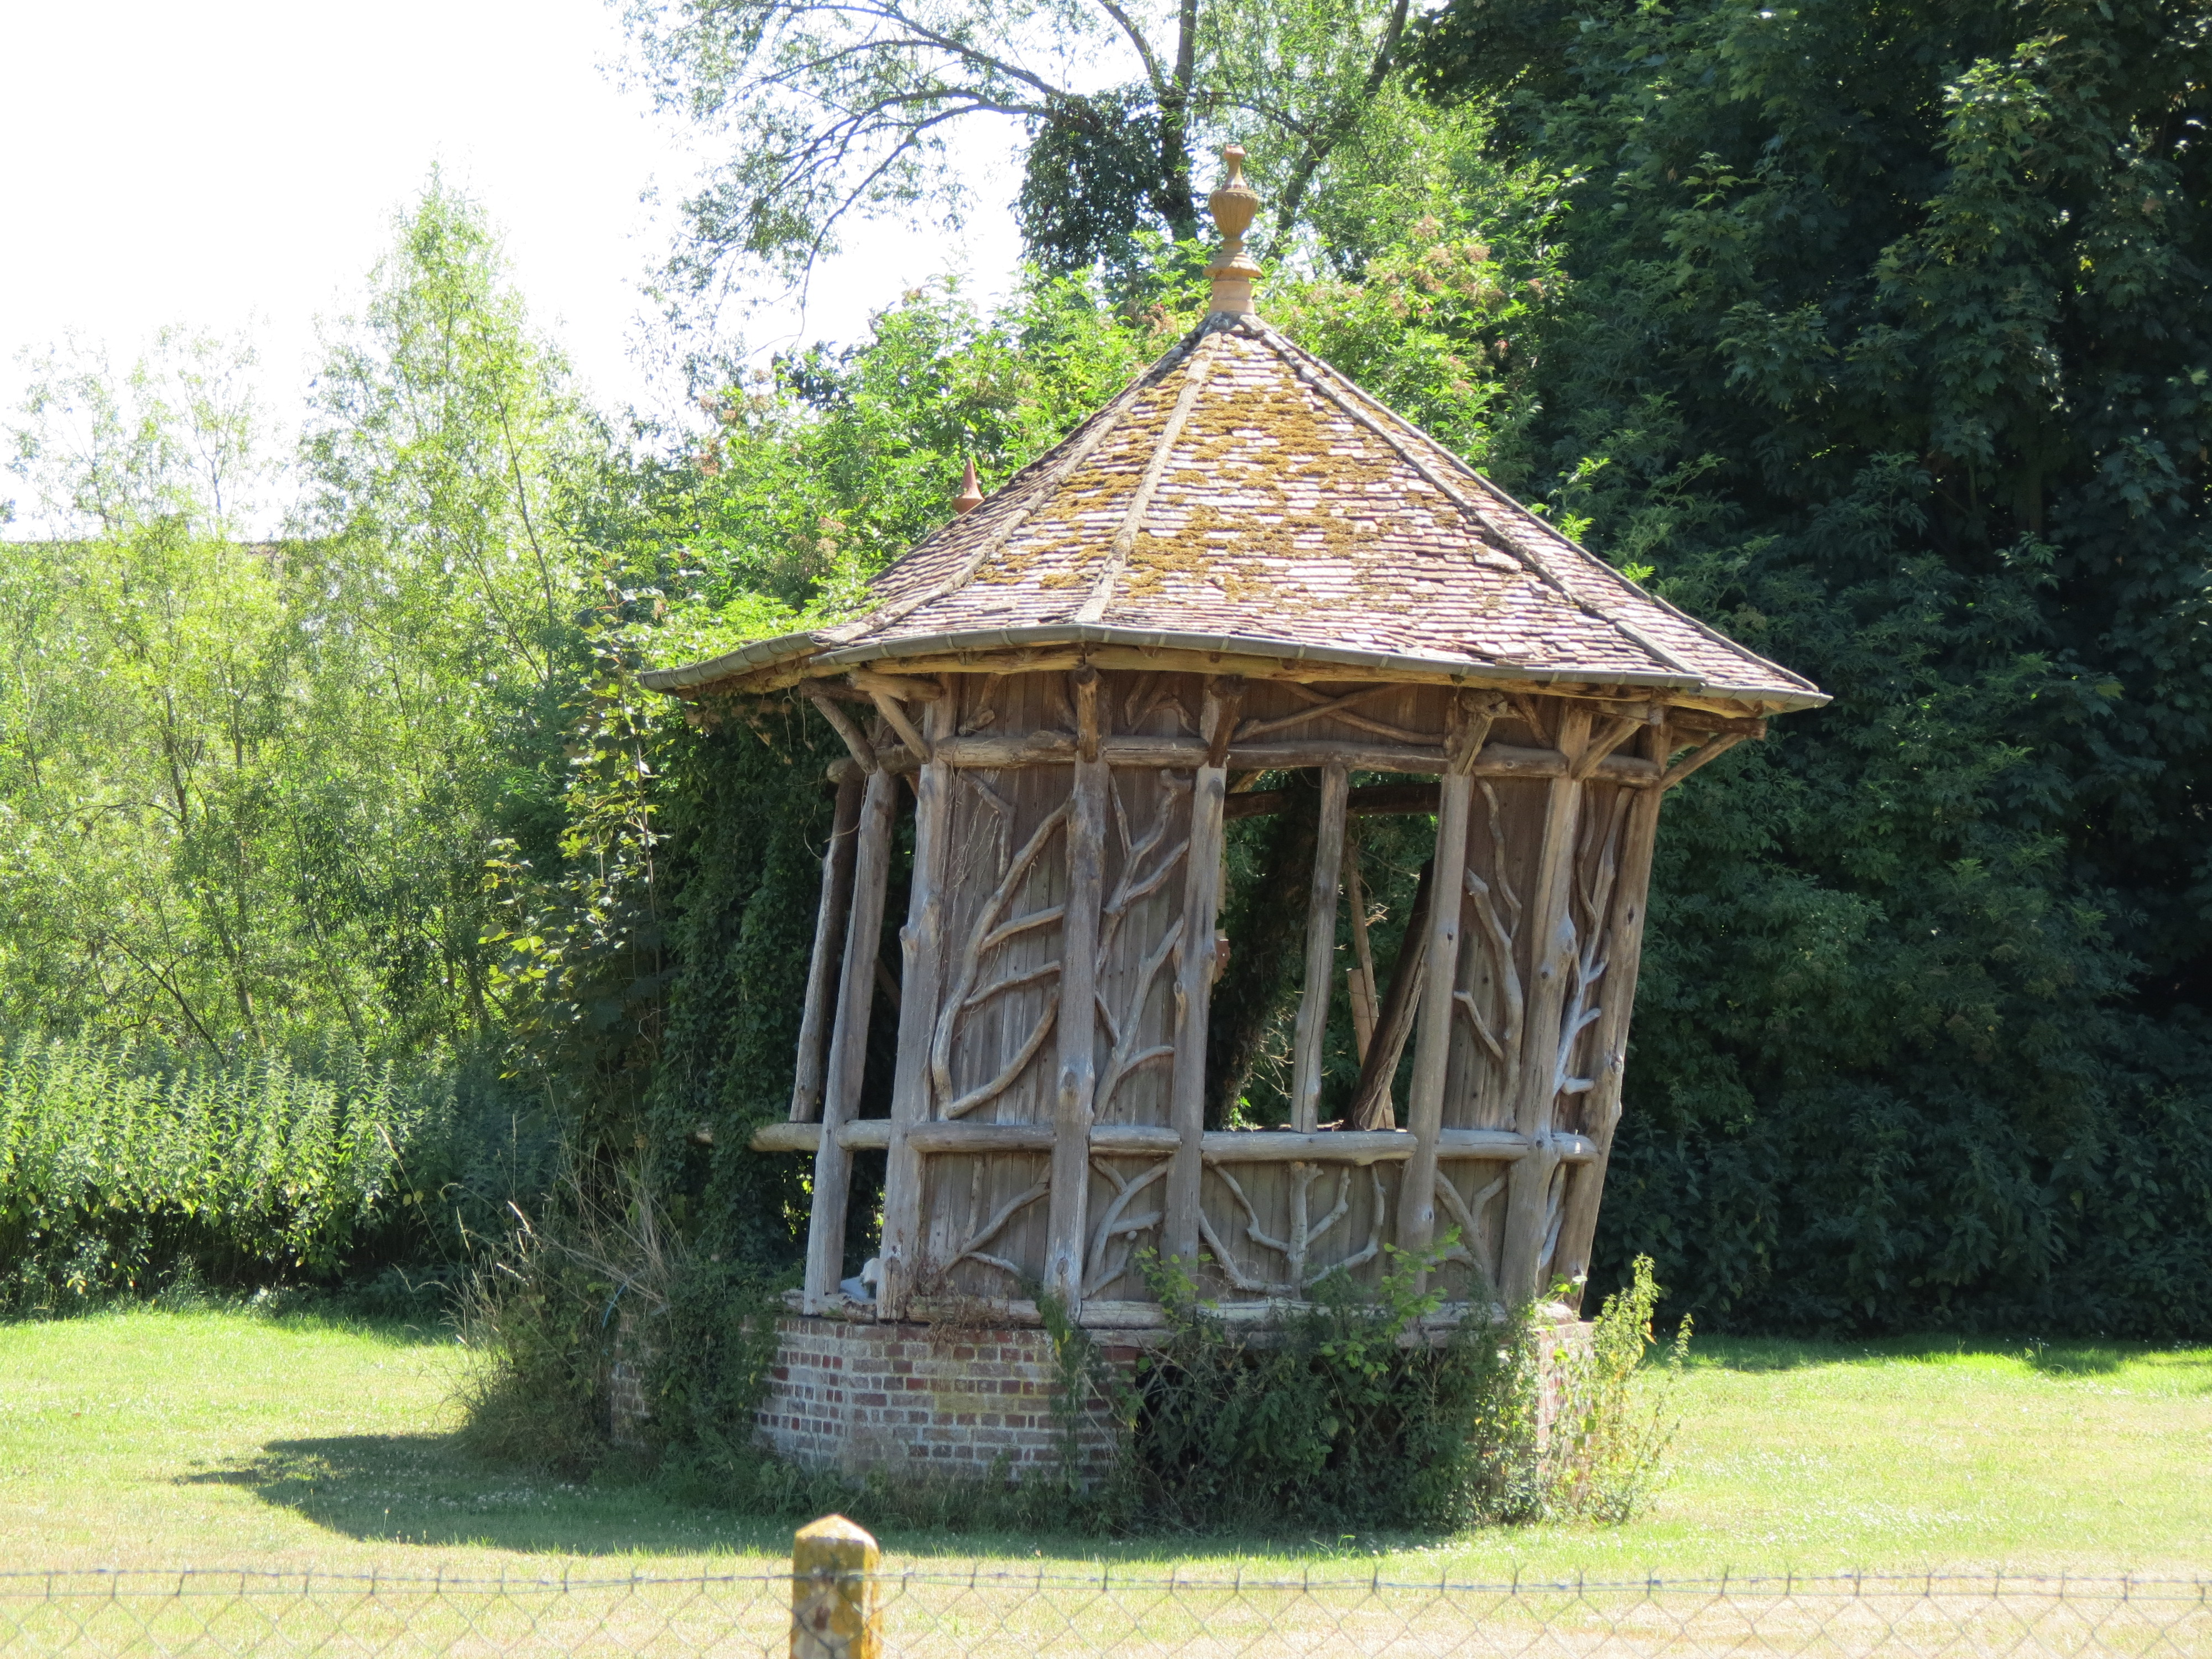 Salon De Jardin Original file:freneuse - salon de jardin - wikimedia commons